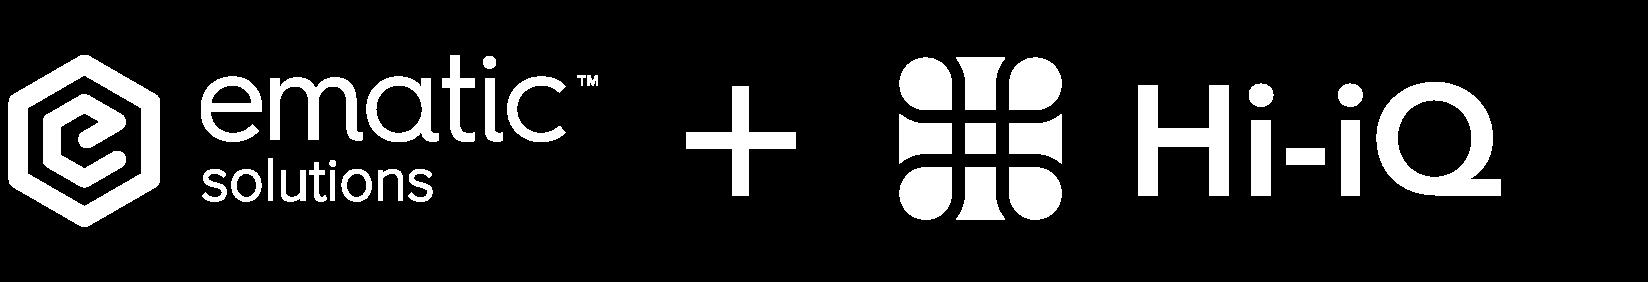 Ematic + Hi-iQ